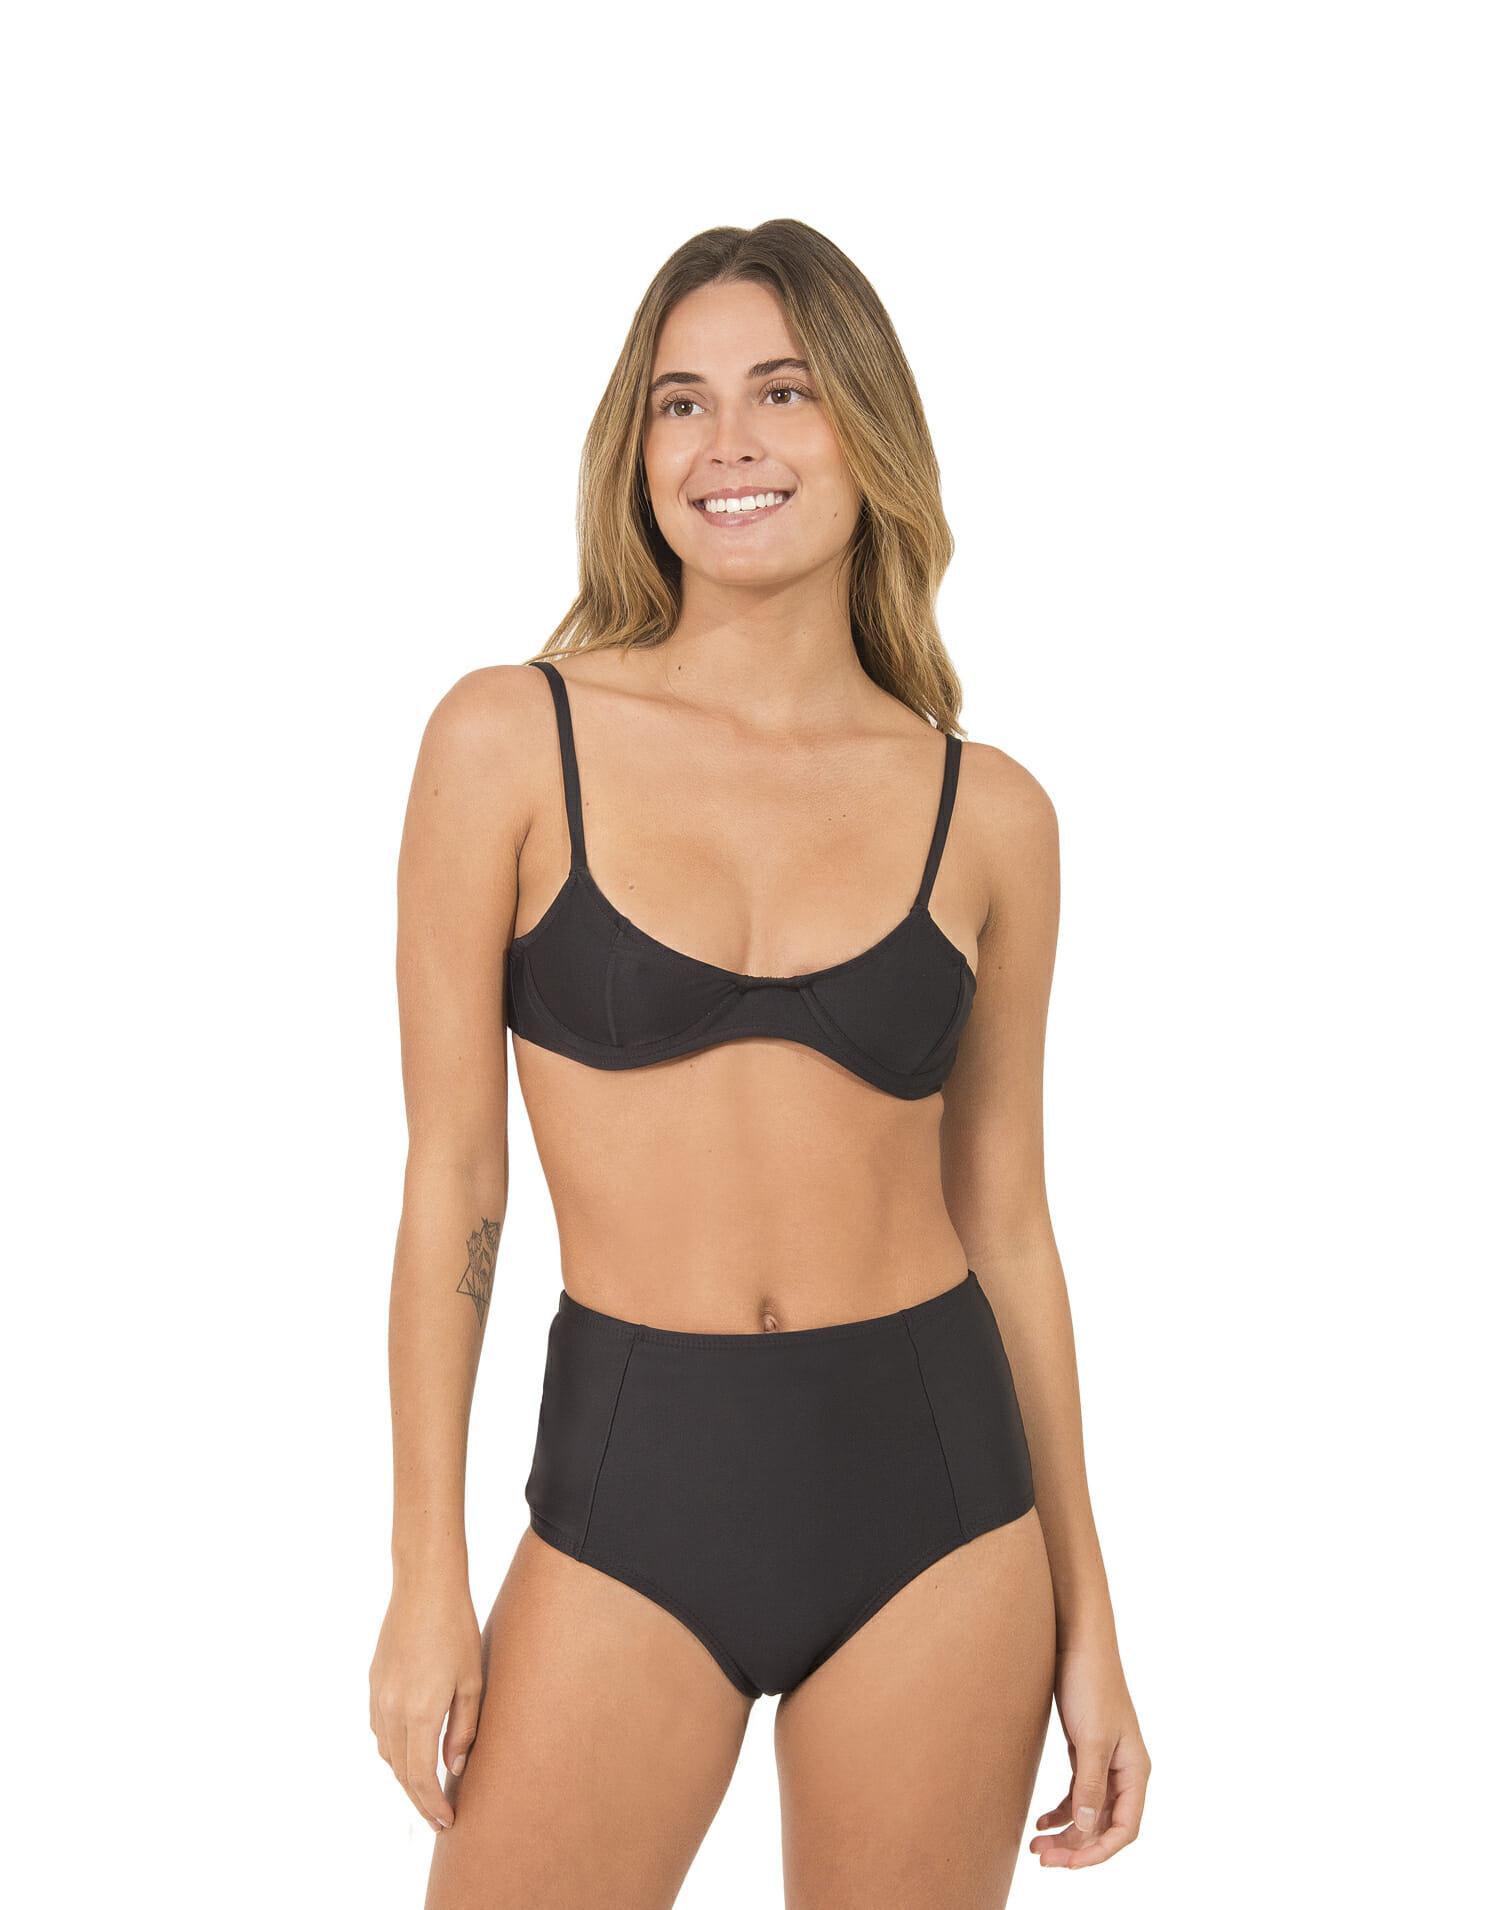 conjunto-top-meia-taca-preto-liso-com-hot-pants Dia dos Namorados: O presente ideal para cada signo